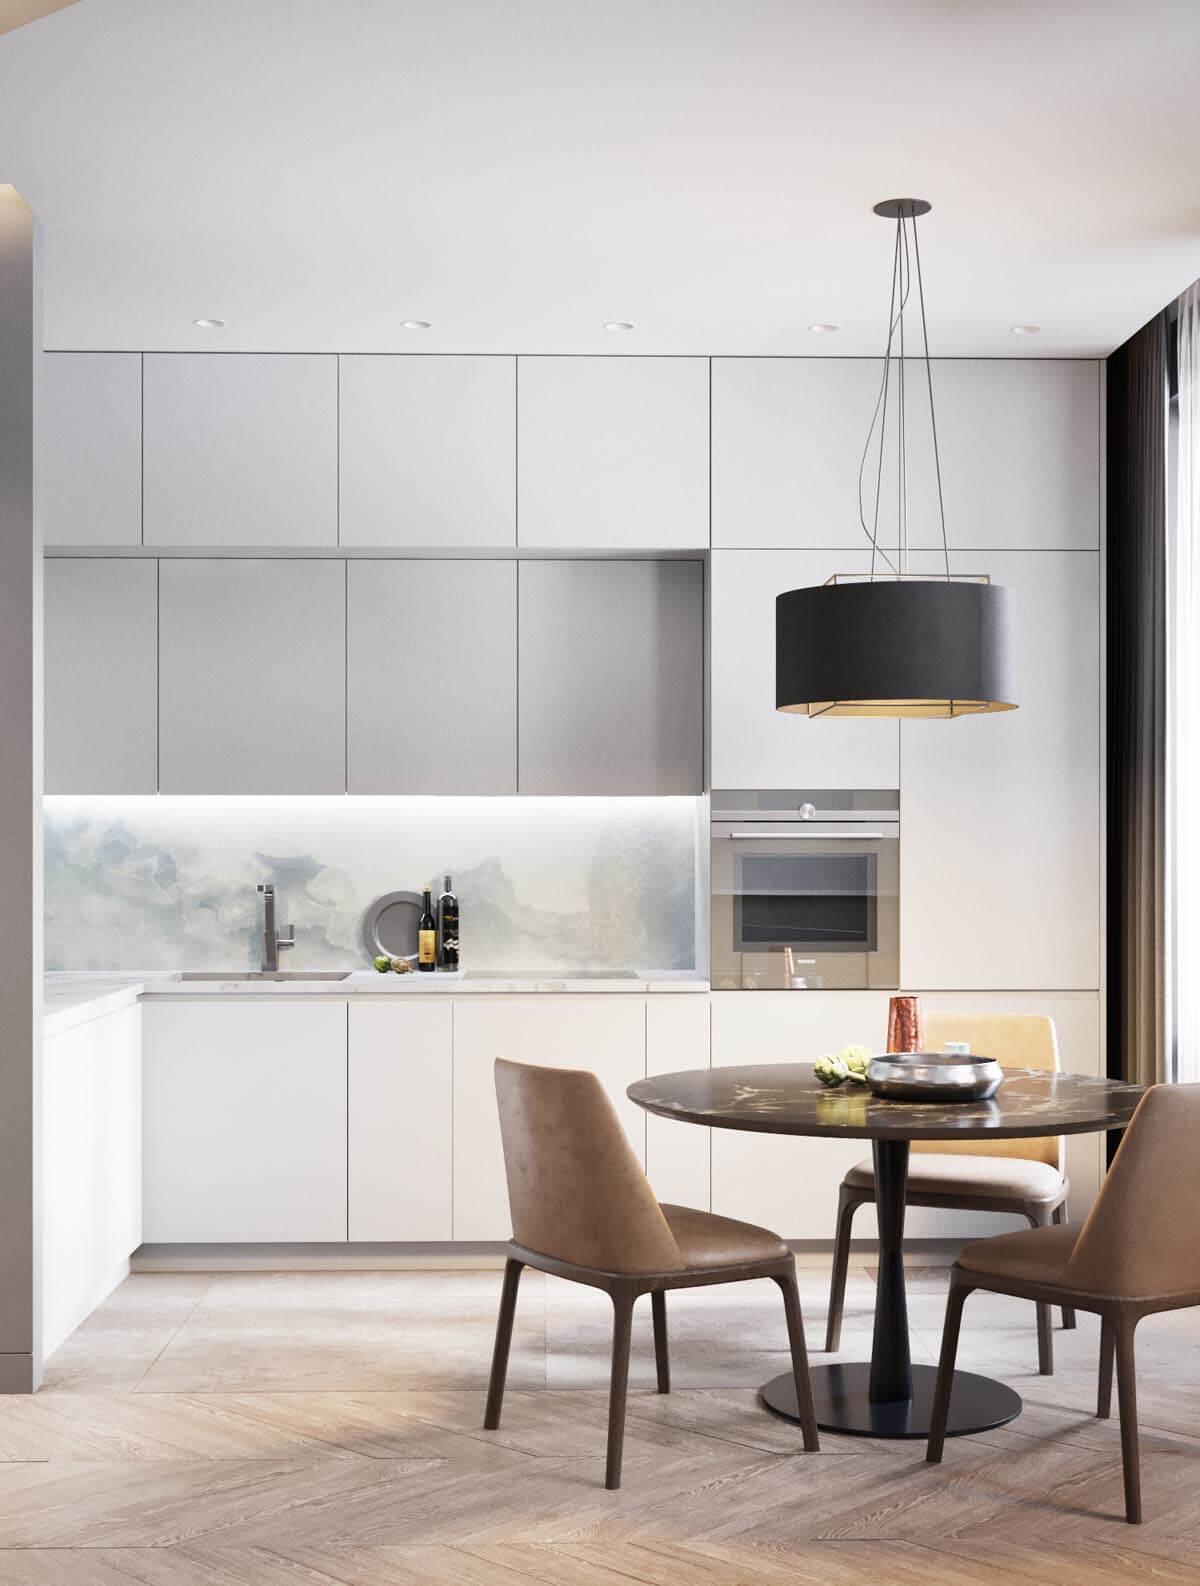 Mẫu thiết kế căn hộ chung cư 50m2 hiện đại 4